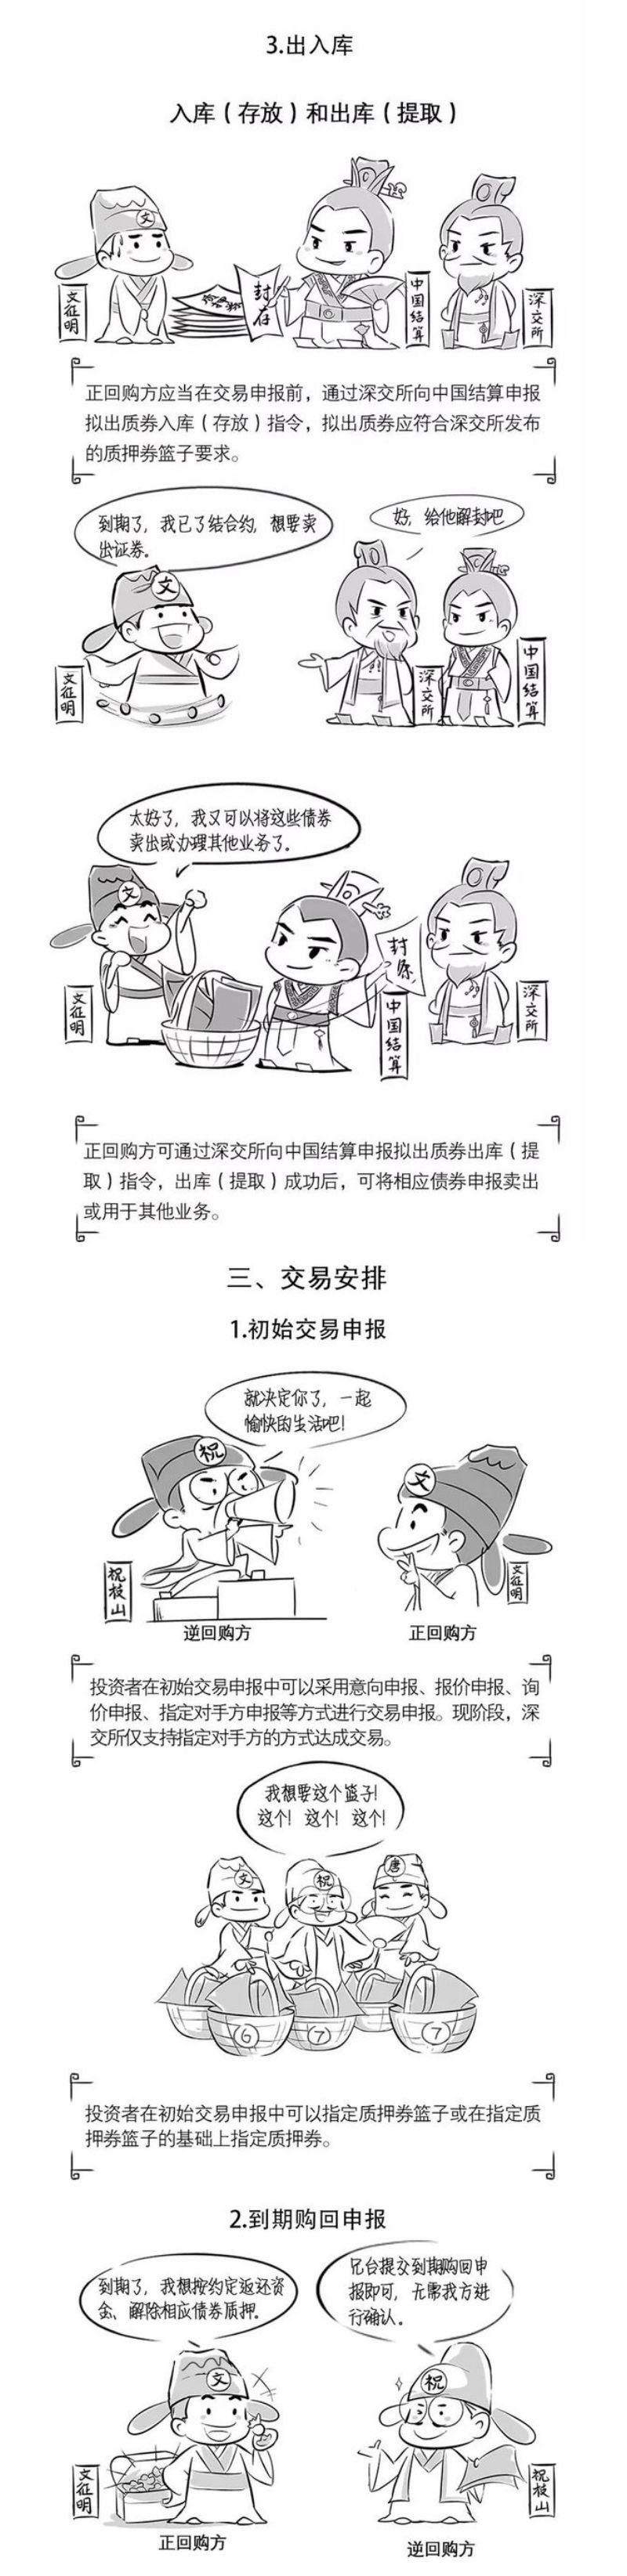 """""""深""""知新规系列之三方回购(下篇)3.jpg"""